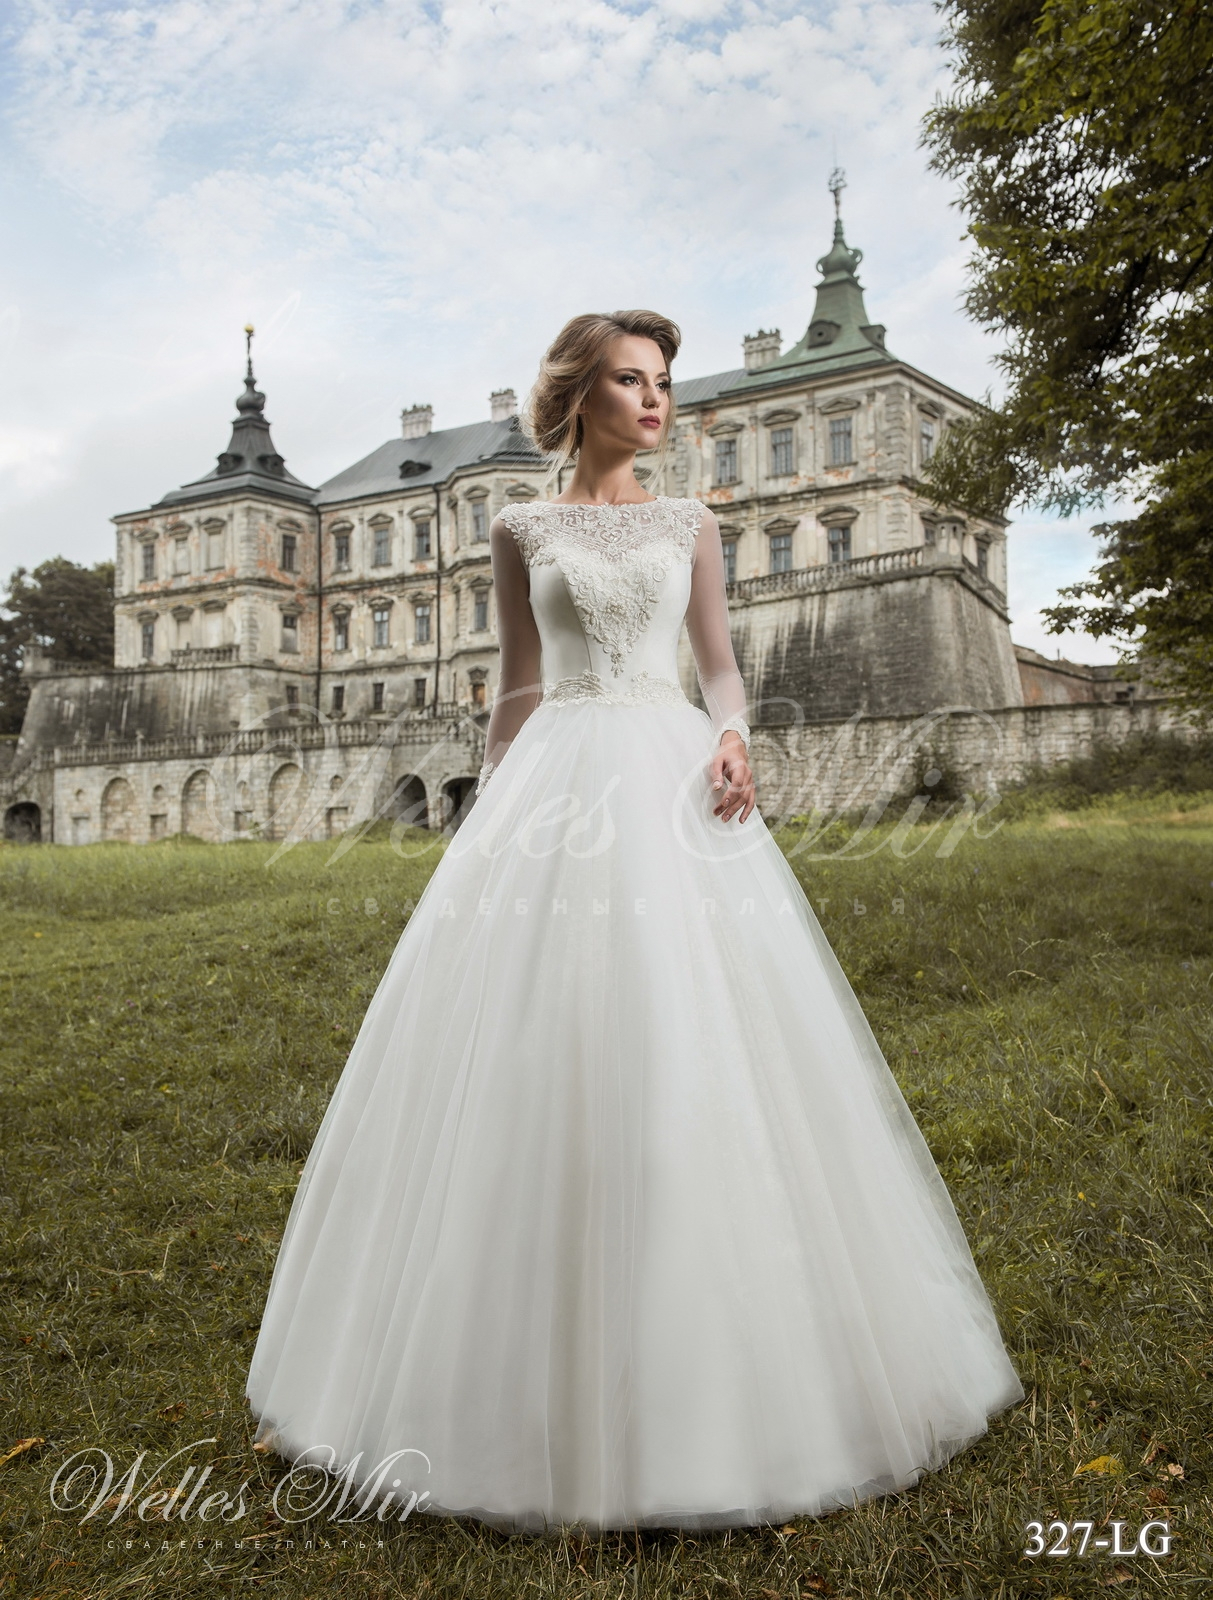 Свадебные платья Exquisite Collection - 327-LG